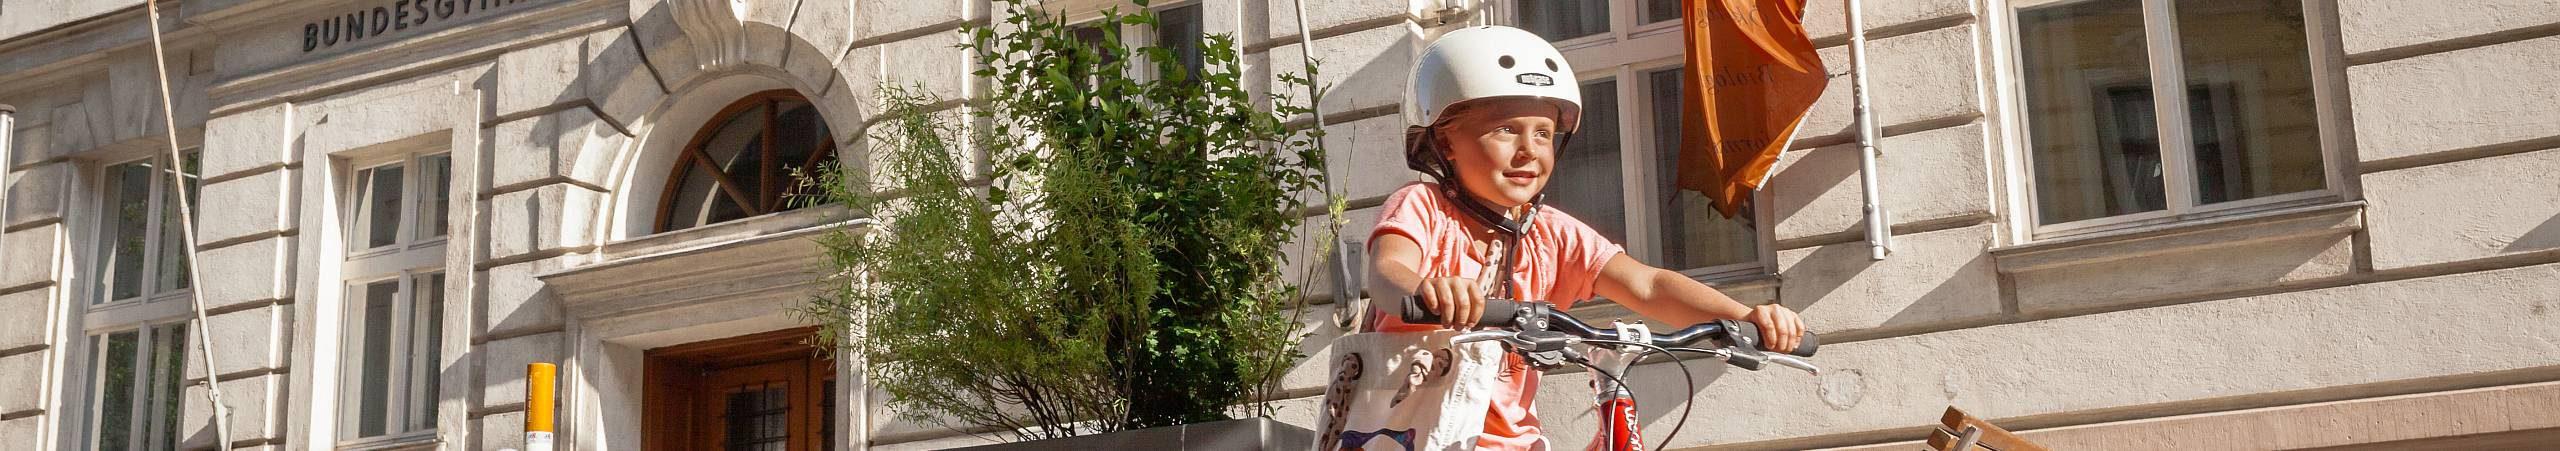 Ein junges Mädchen übt an einem sonnigen Tag das Fahrradfahren.